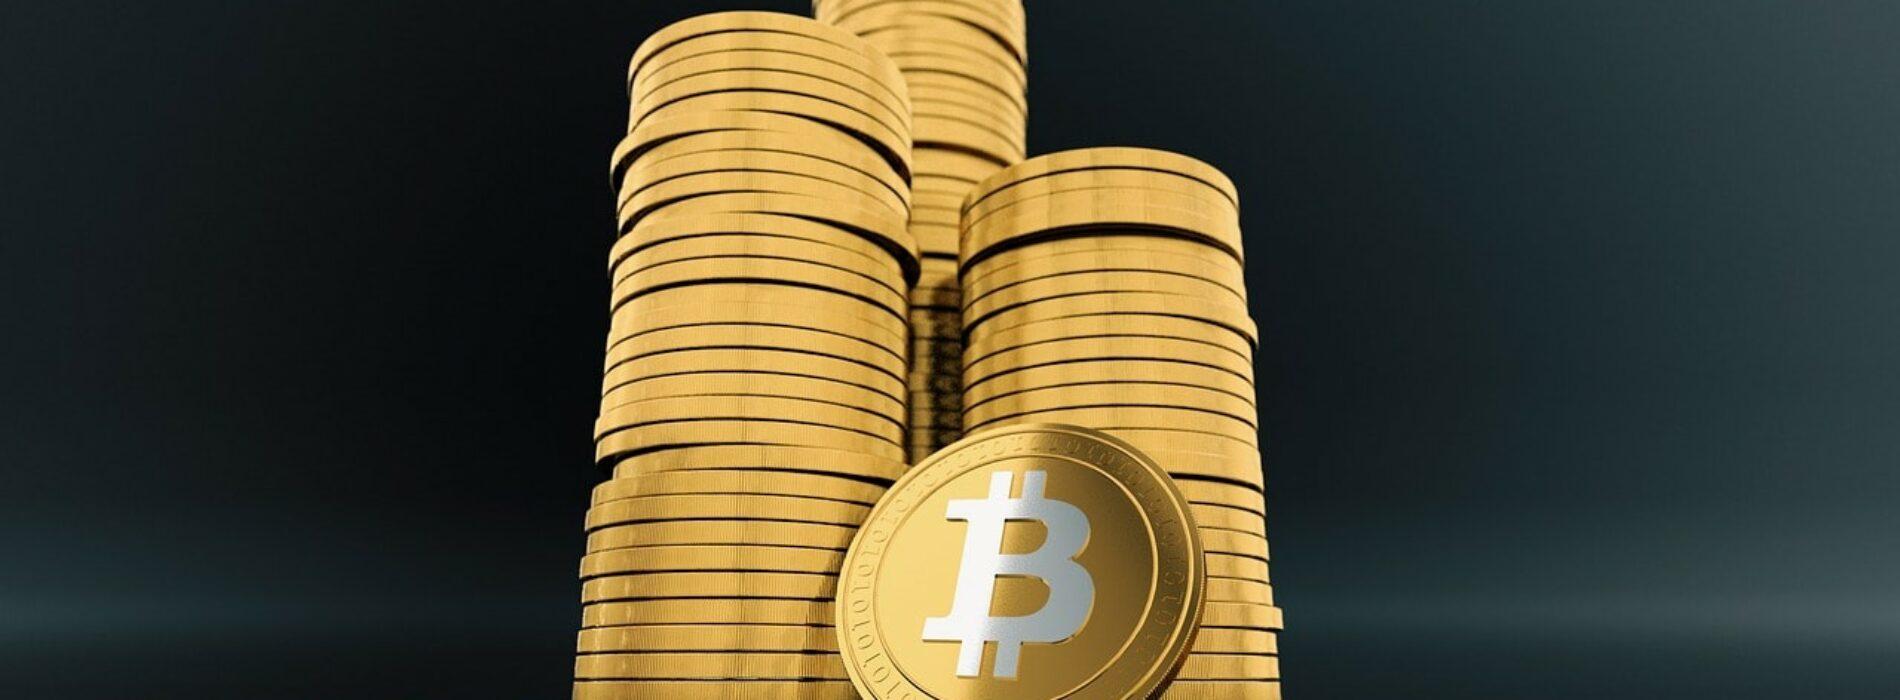 Монетизация переговоров. Переговоры для денег, продаж и закрытия сделок